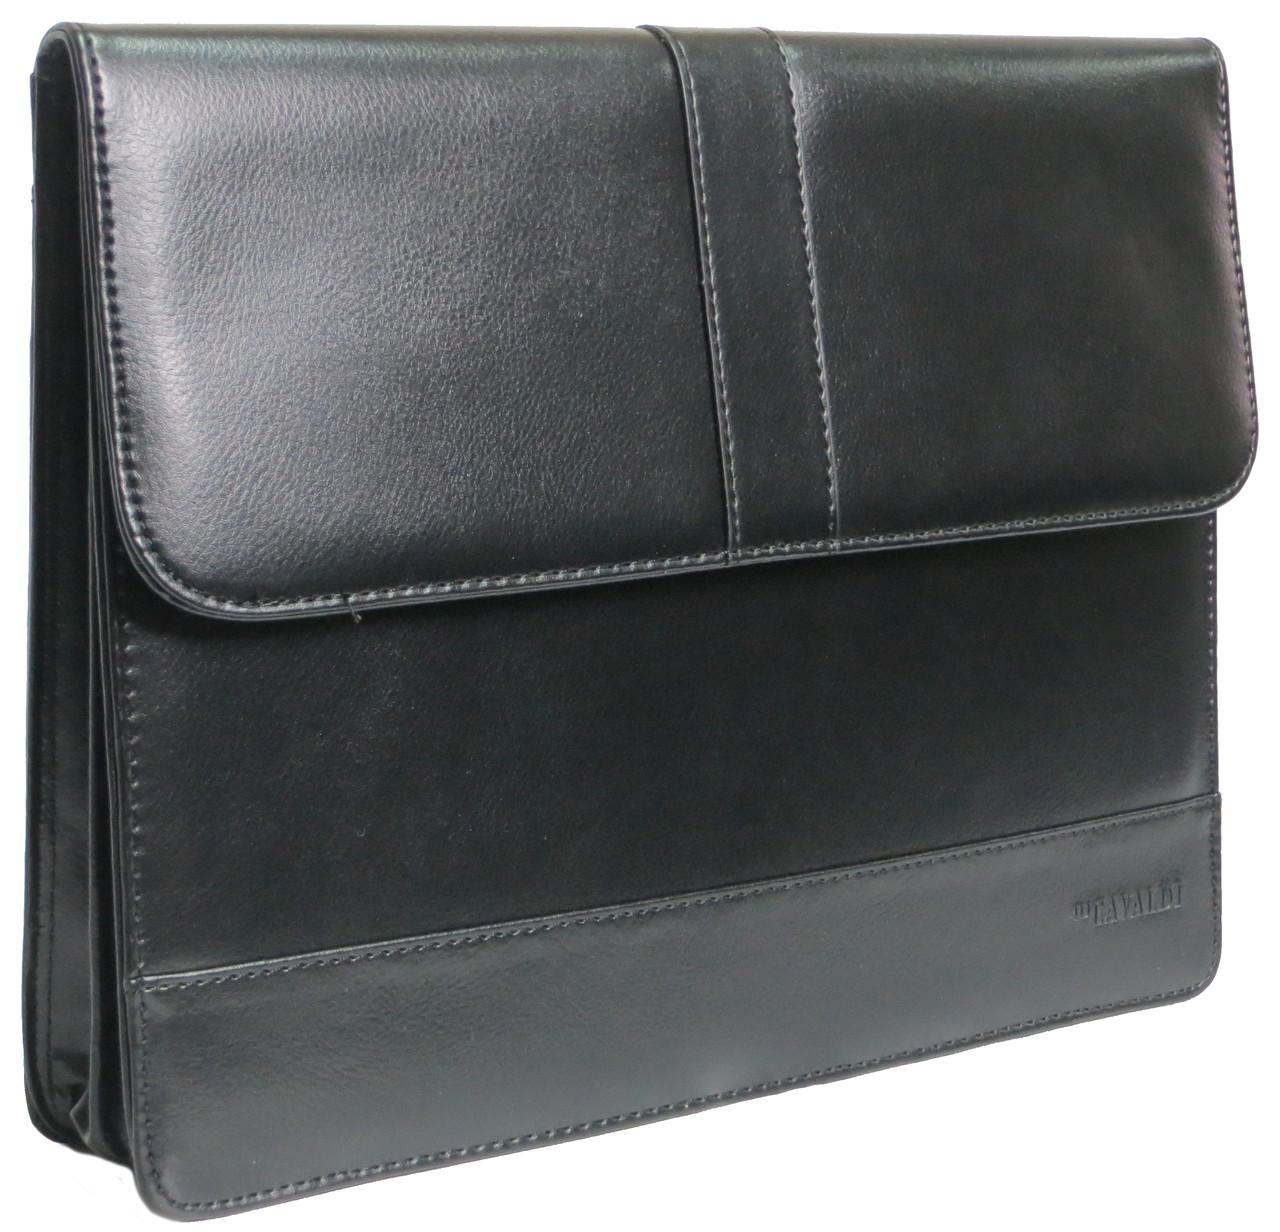 Папка для документов из эко кожи 4U Cavaldi PB0805 черная